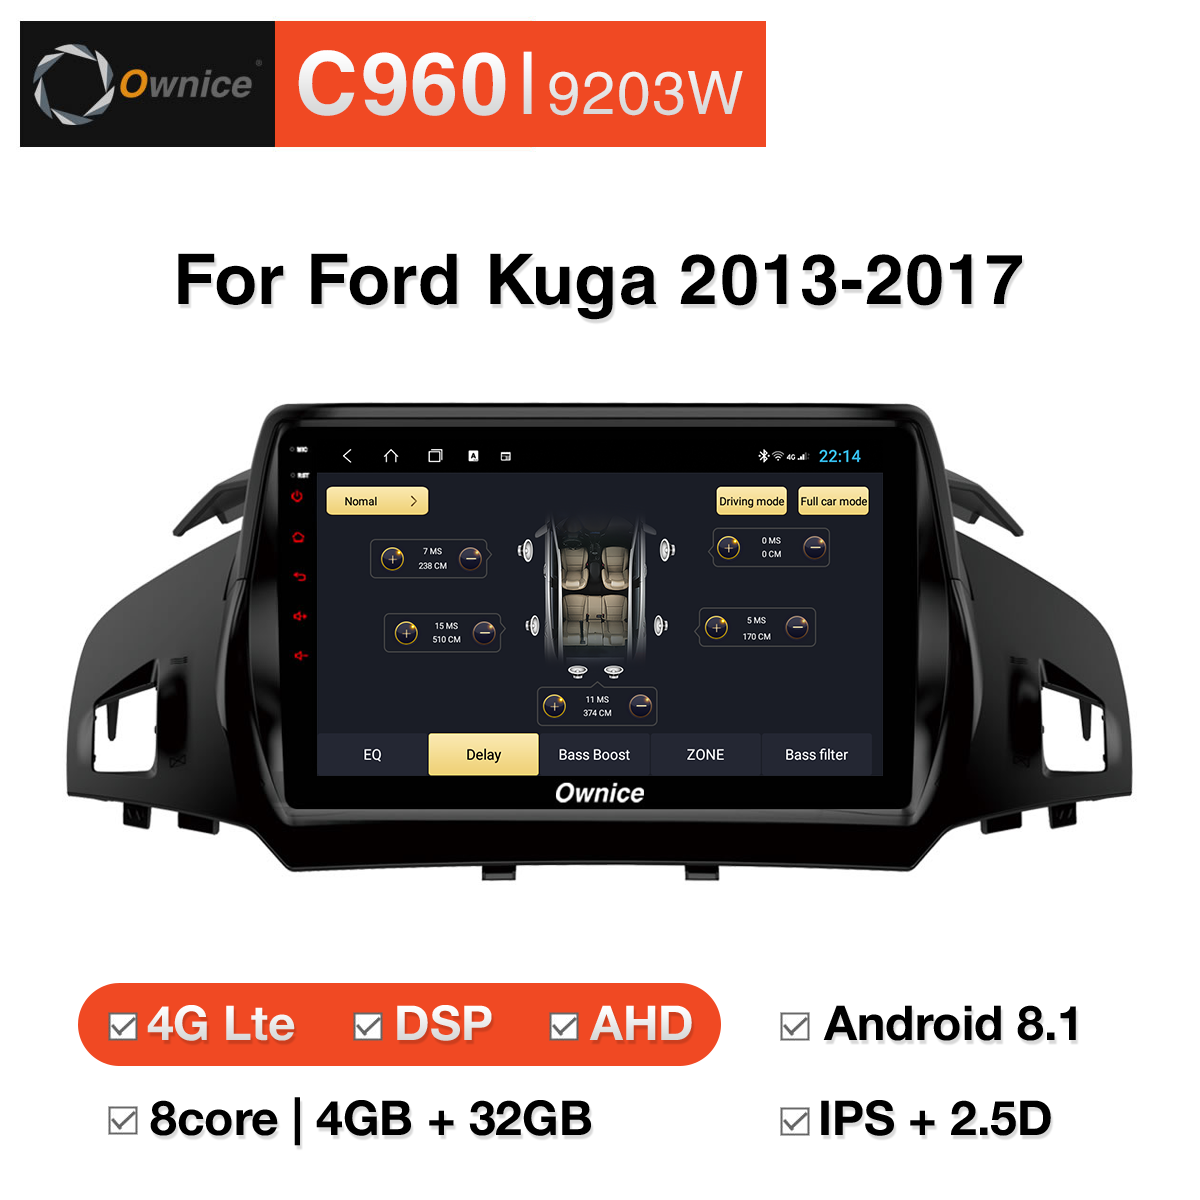 Đầu DVD android Ownice C960 cho xe ô tô Ford Kuga 2013-2017:: OL-9203W